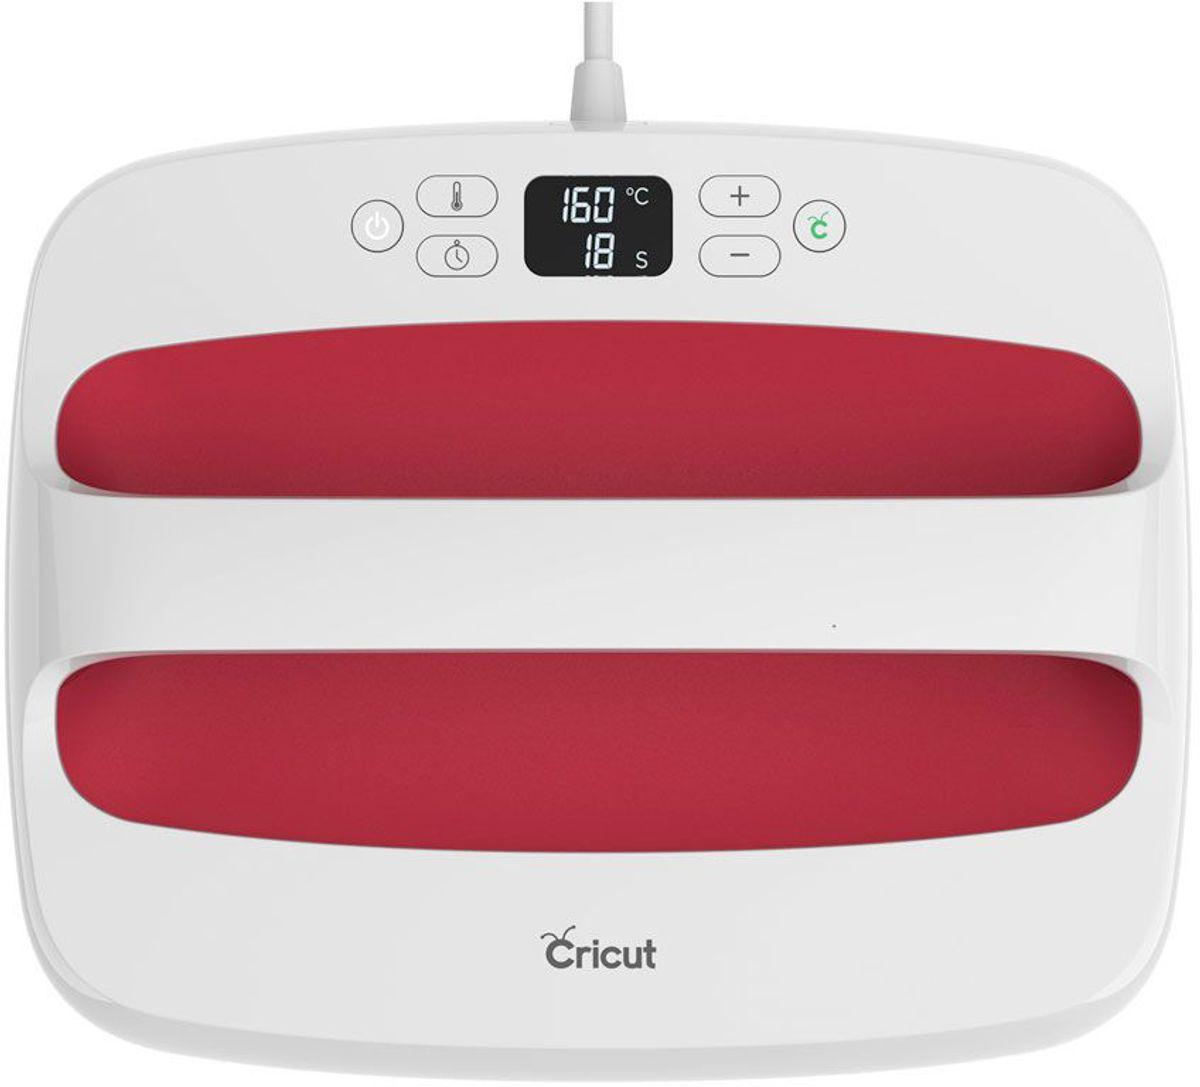 Presse à chaud portable Cricut EasyPress 2 - 30,0 cm x 25,0 cm